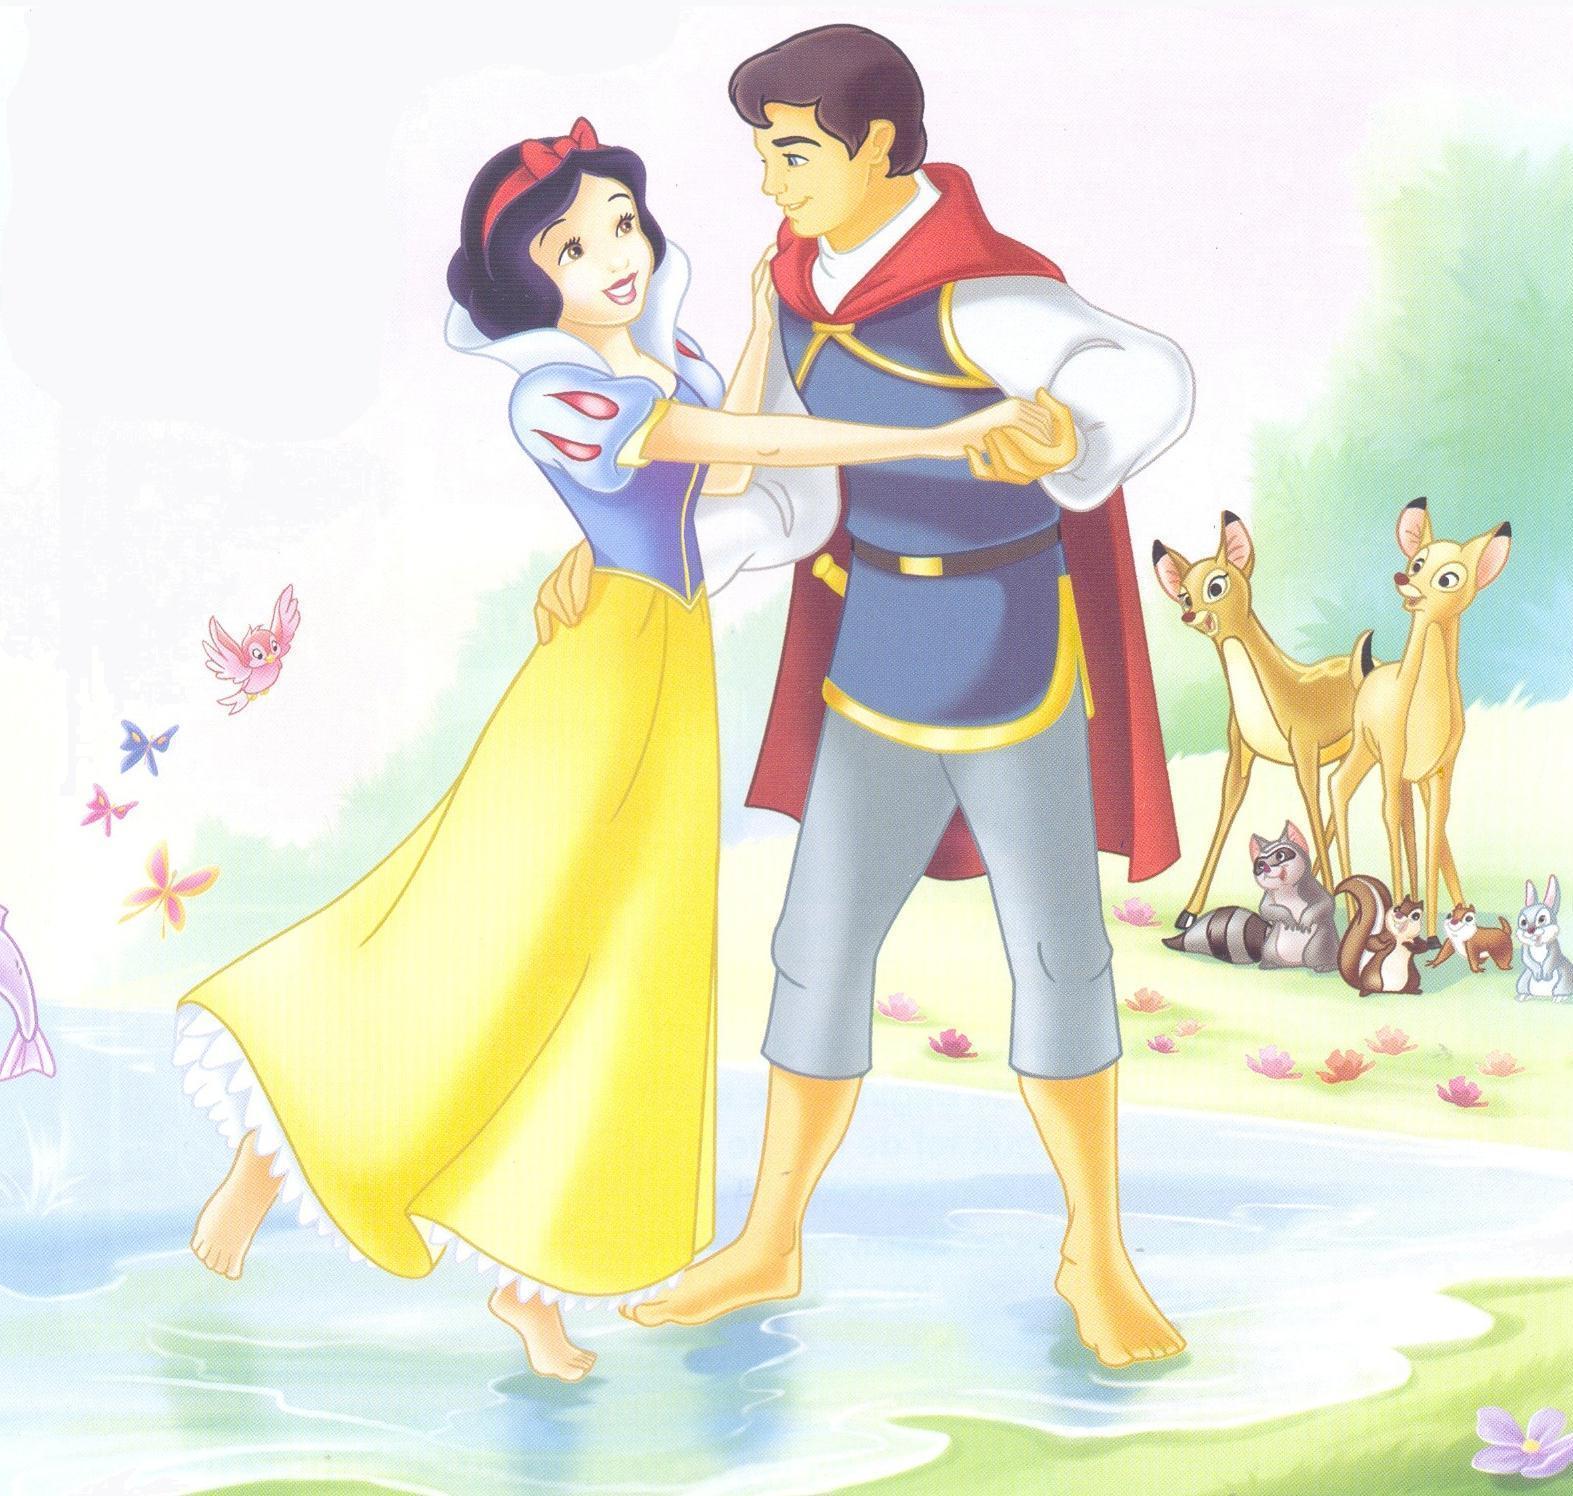 Princess Snow White and Prince Cartoon